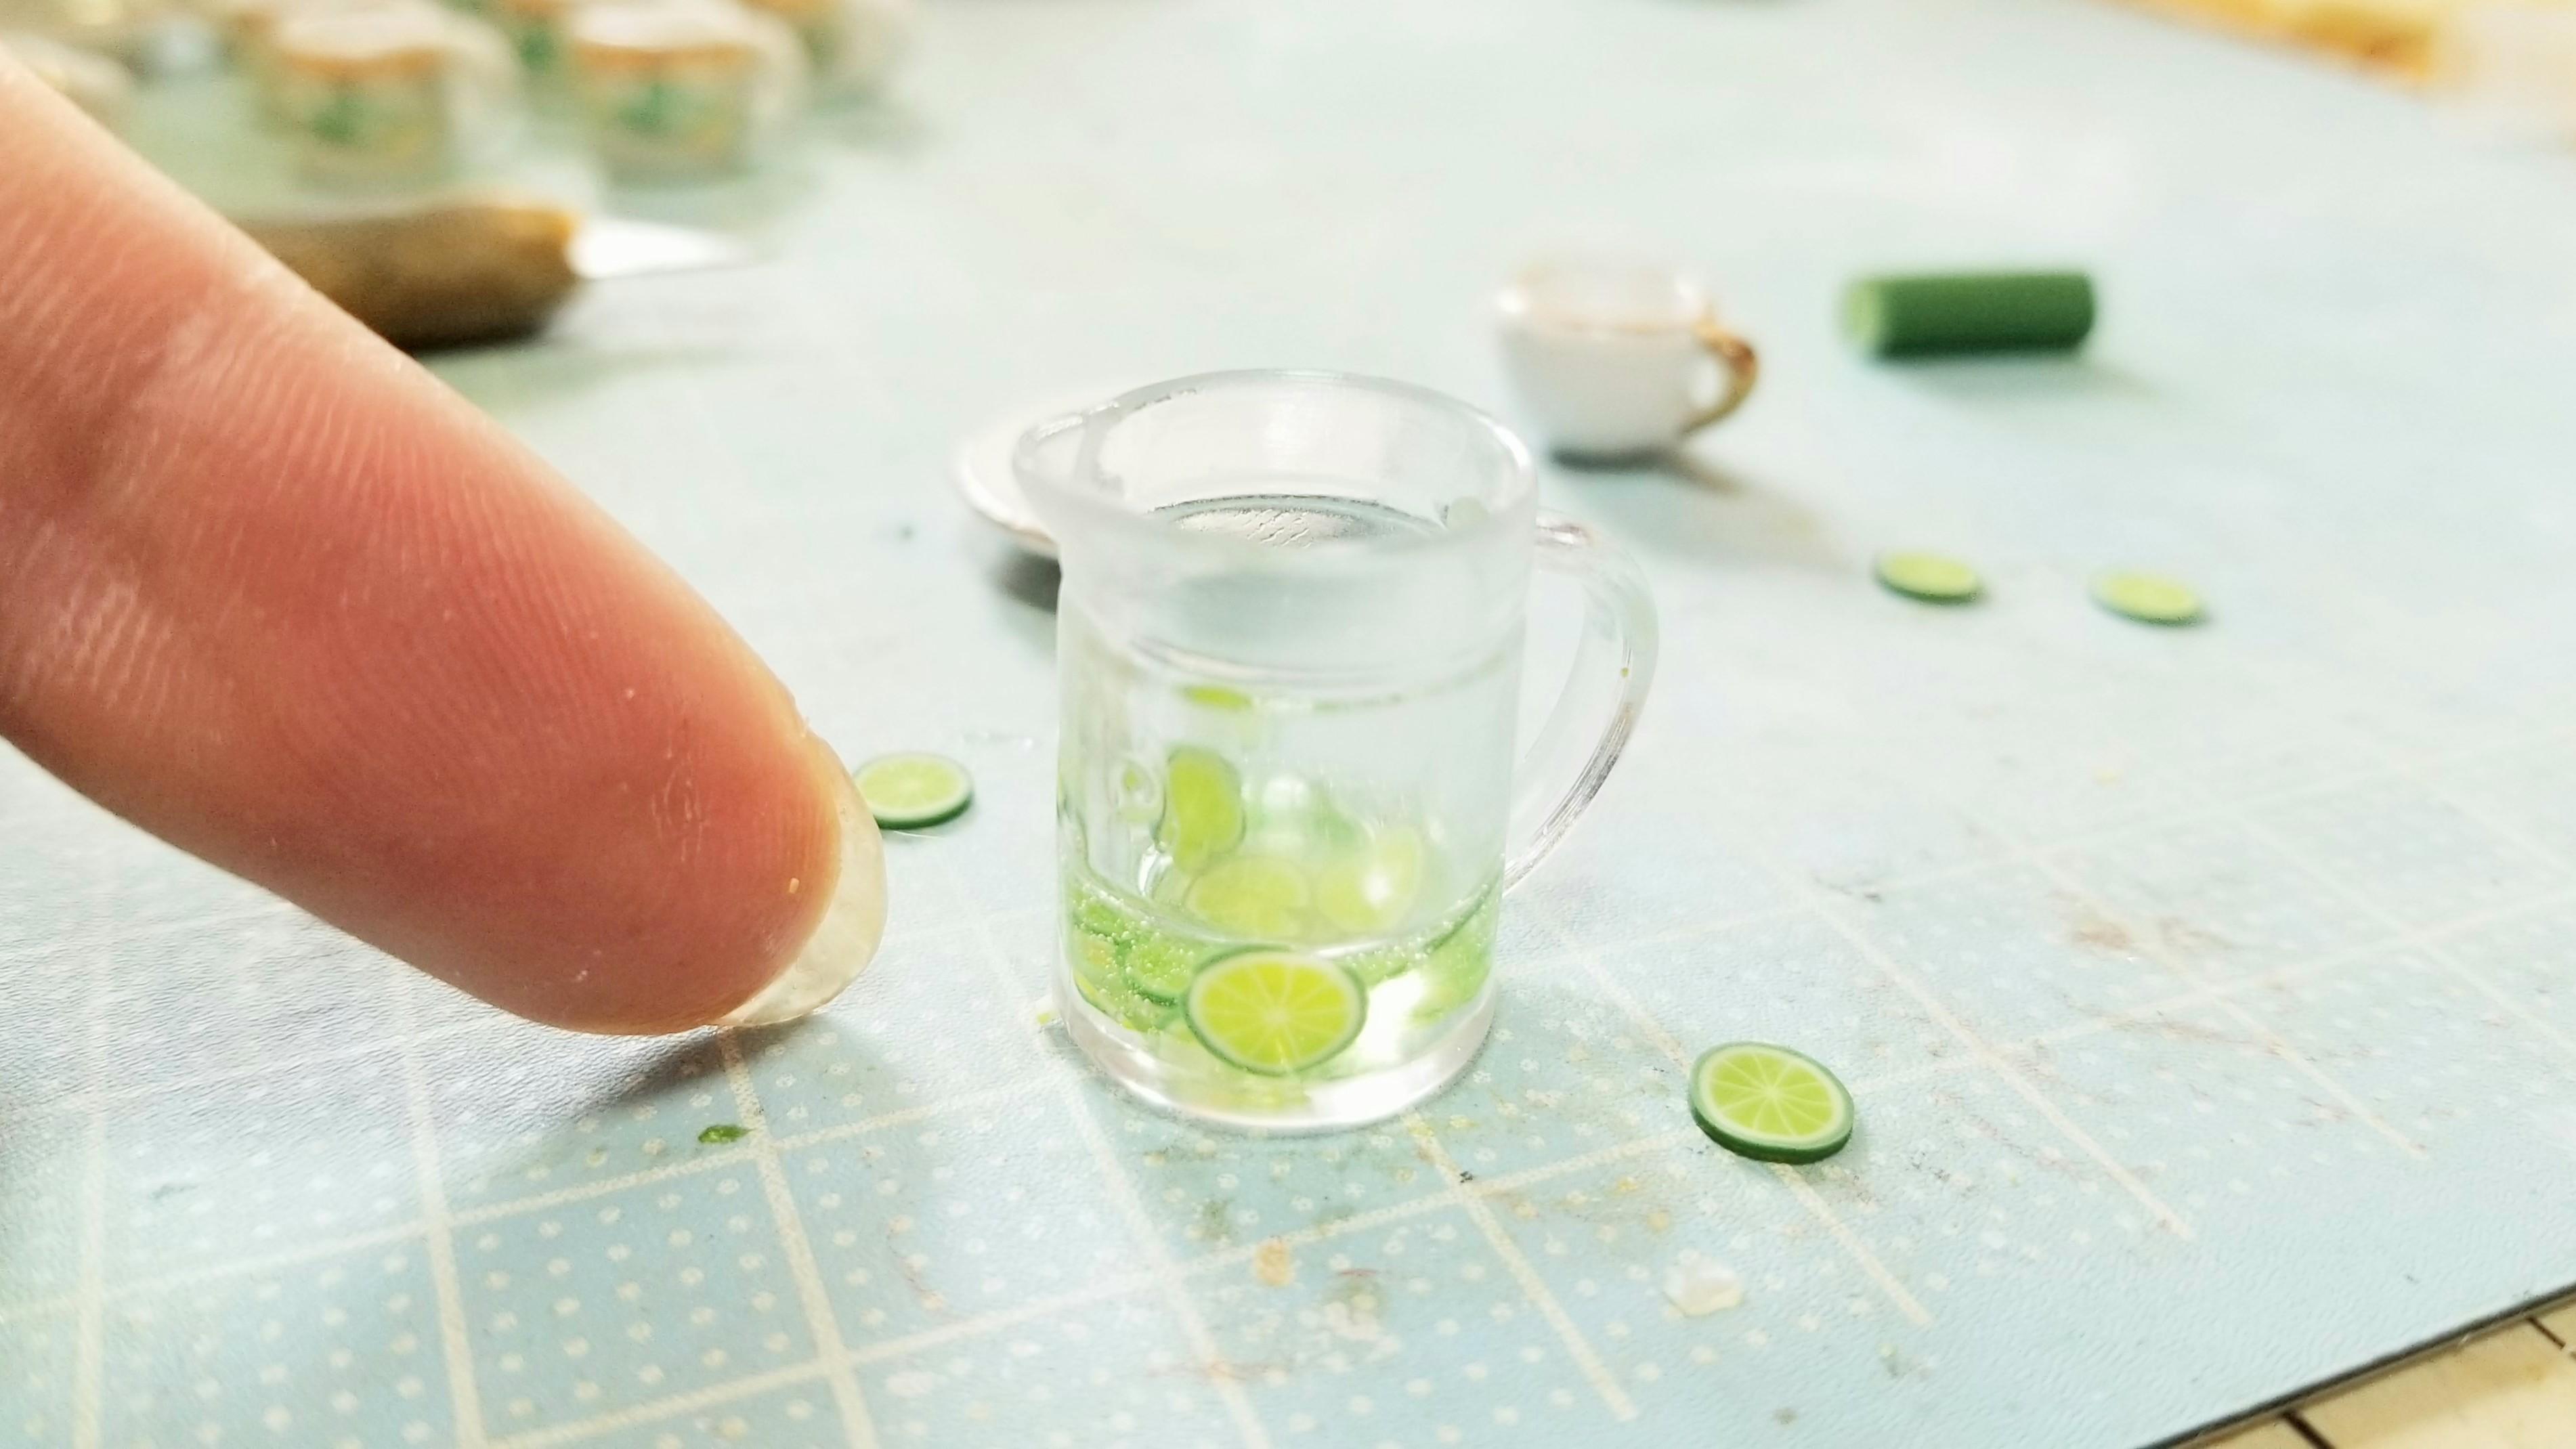 ミニチュアフードの作り方かわいいドリンク飲み物ミンネおすすめ人気